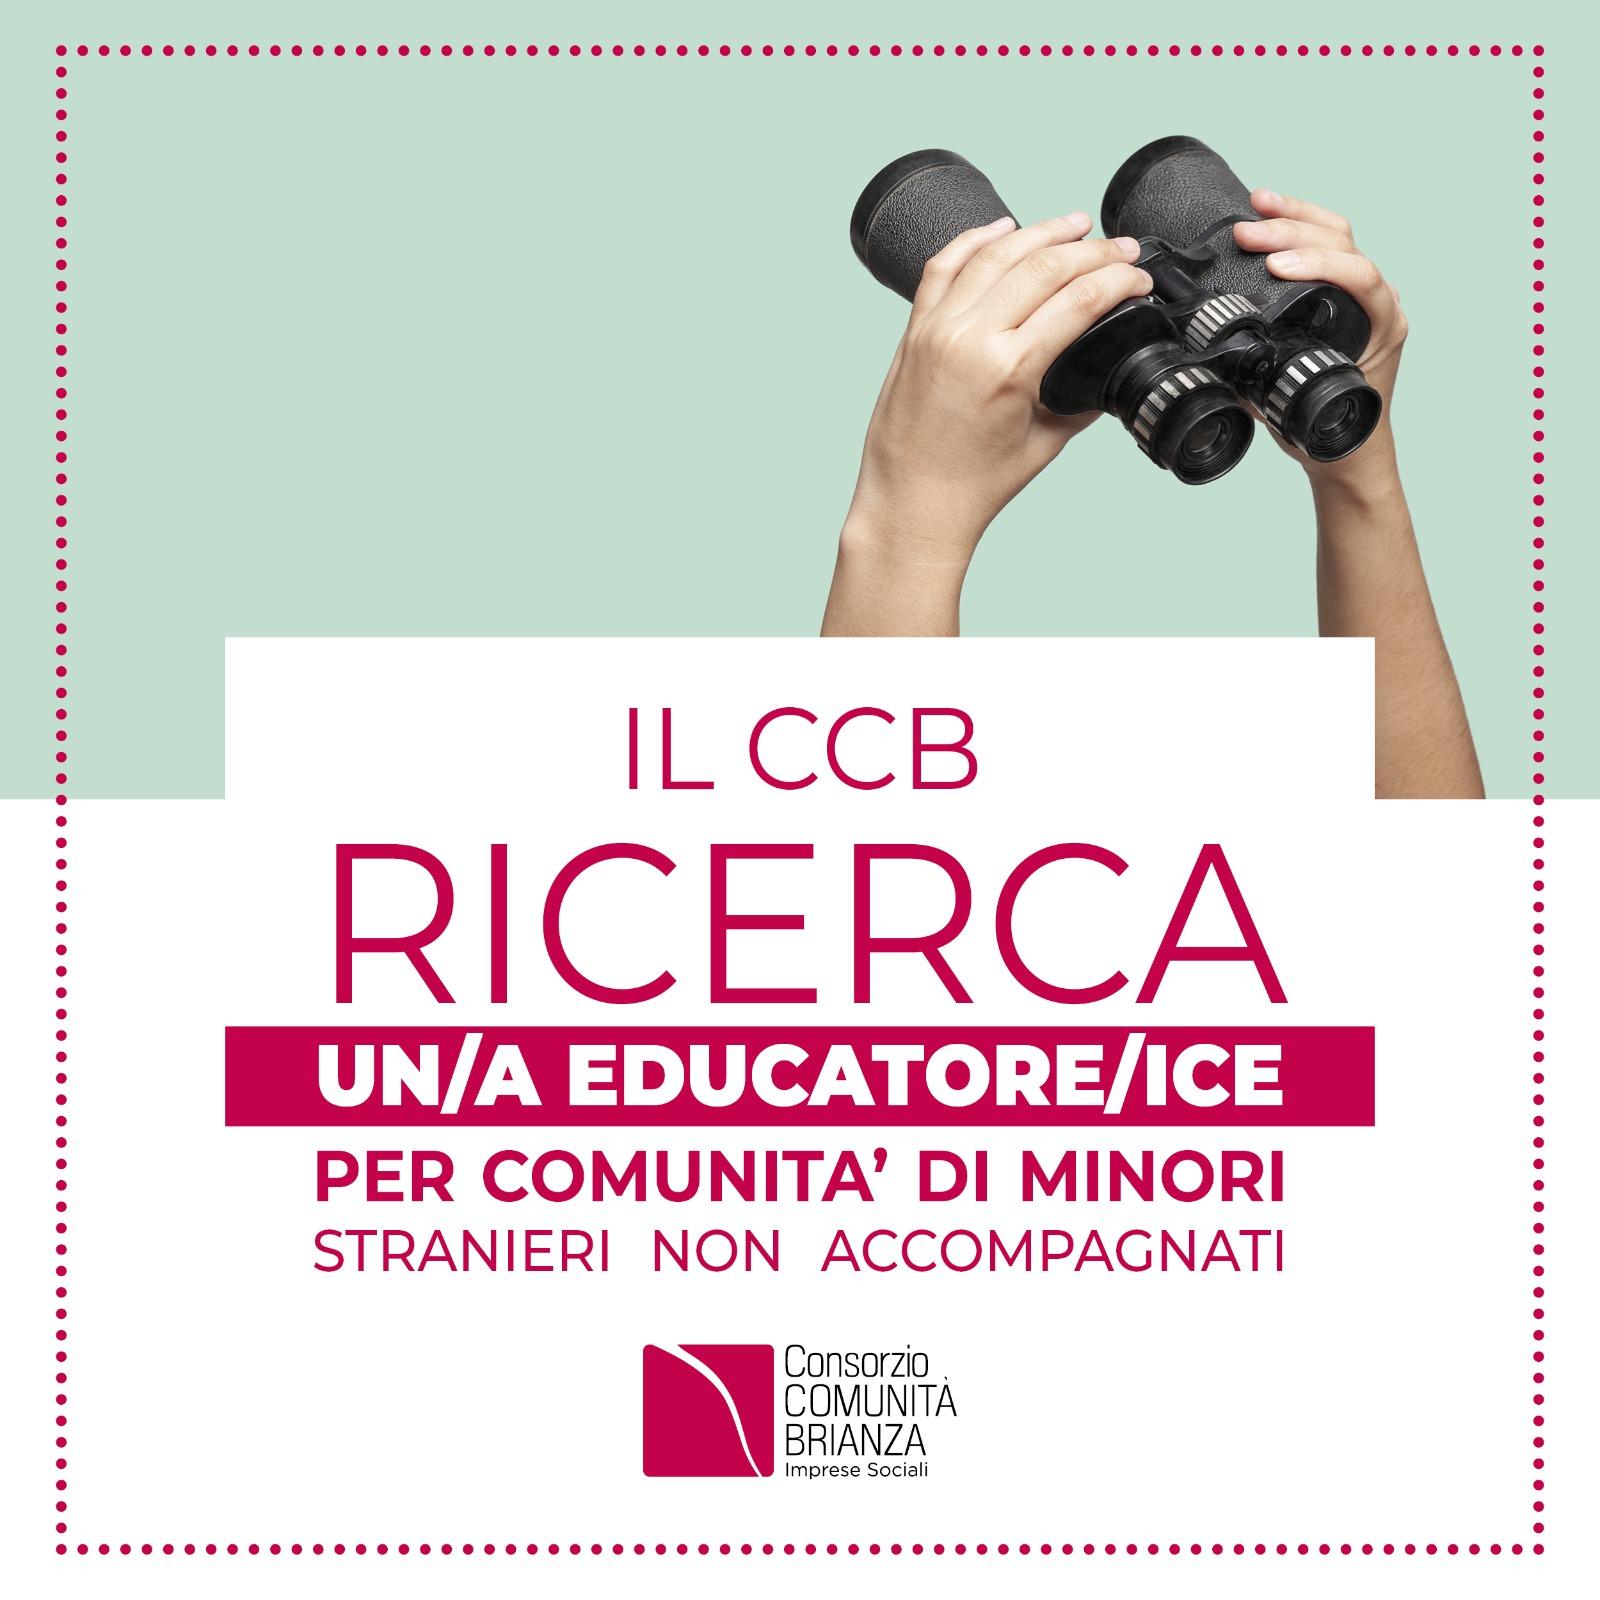 Il Consorzio ricerca educatore/ice per comunità di Minori Stranieri non accompagnati